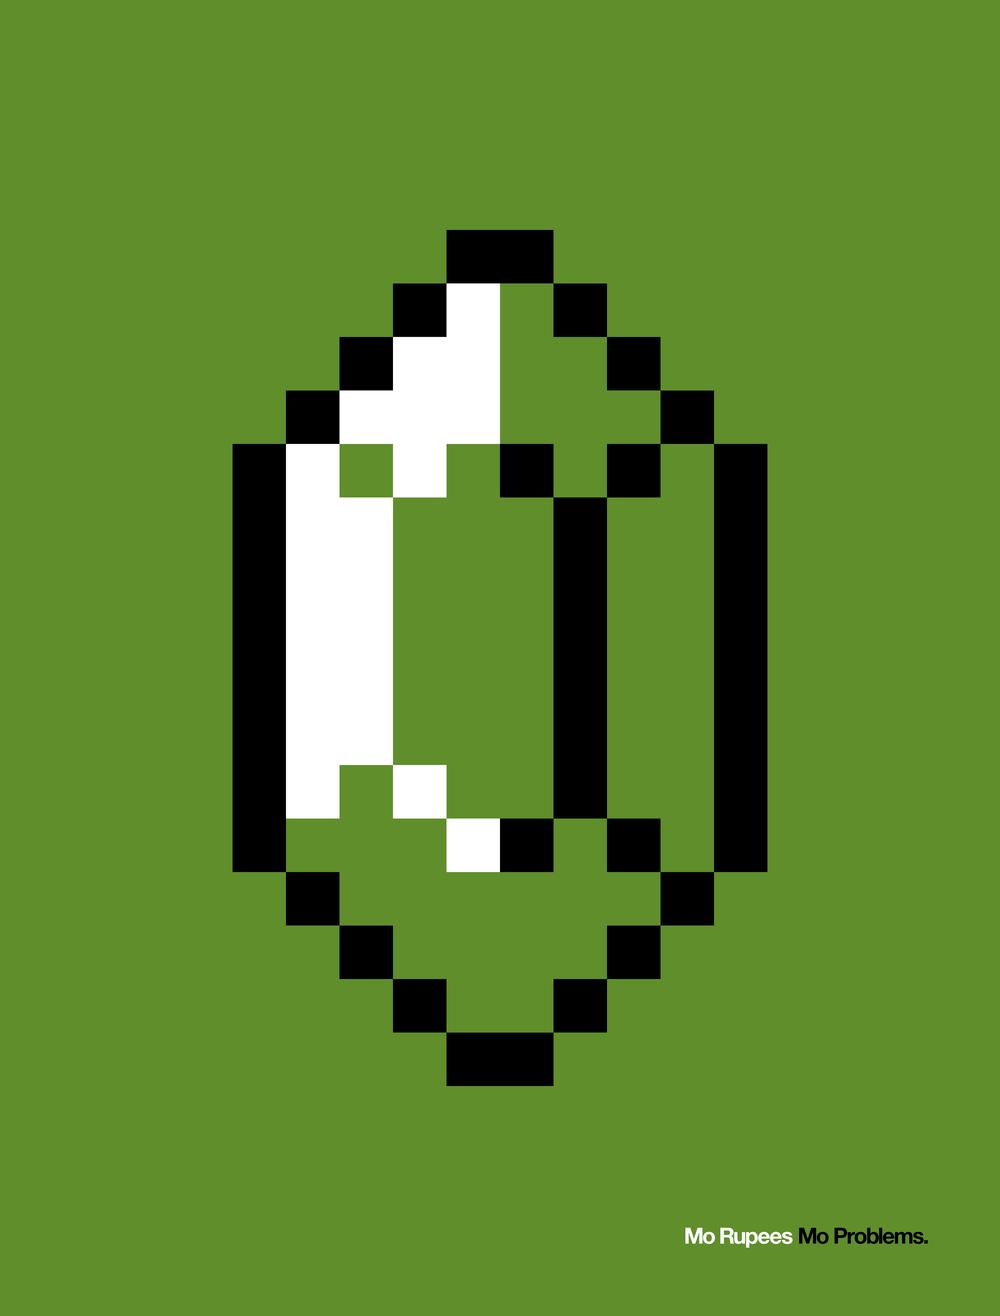 MoRupees green.jpg